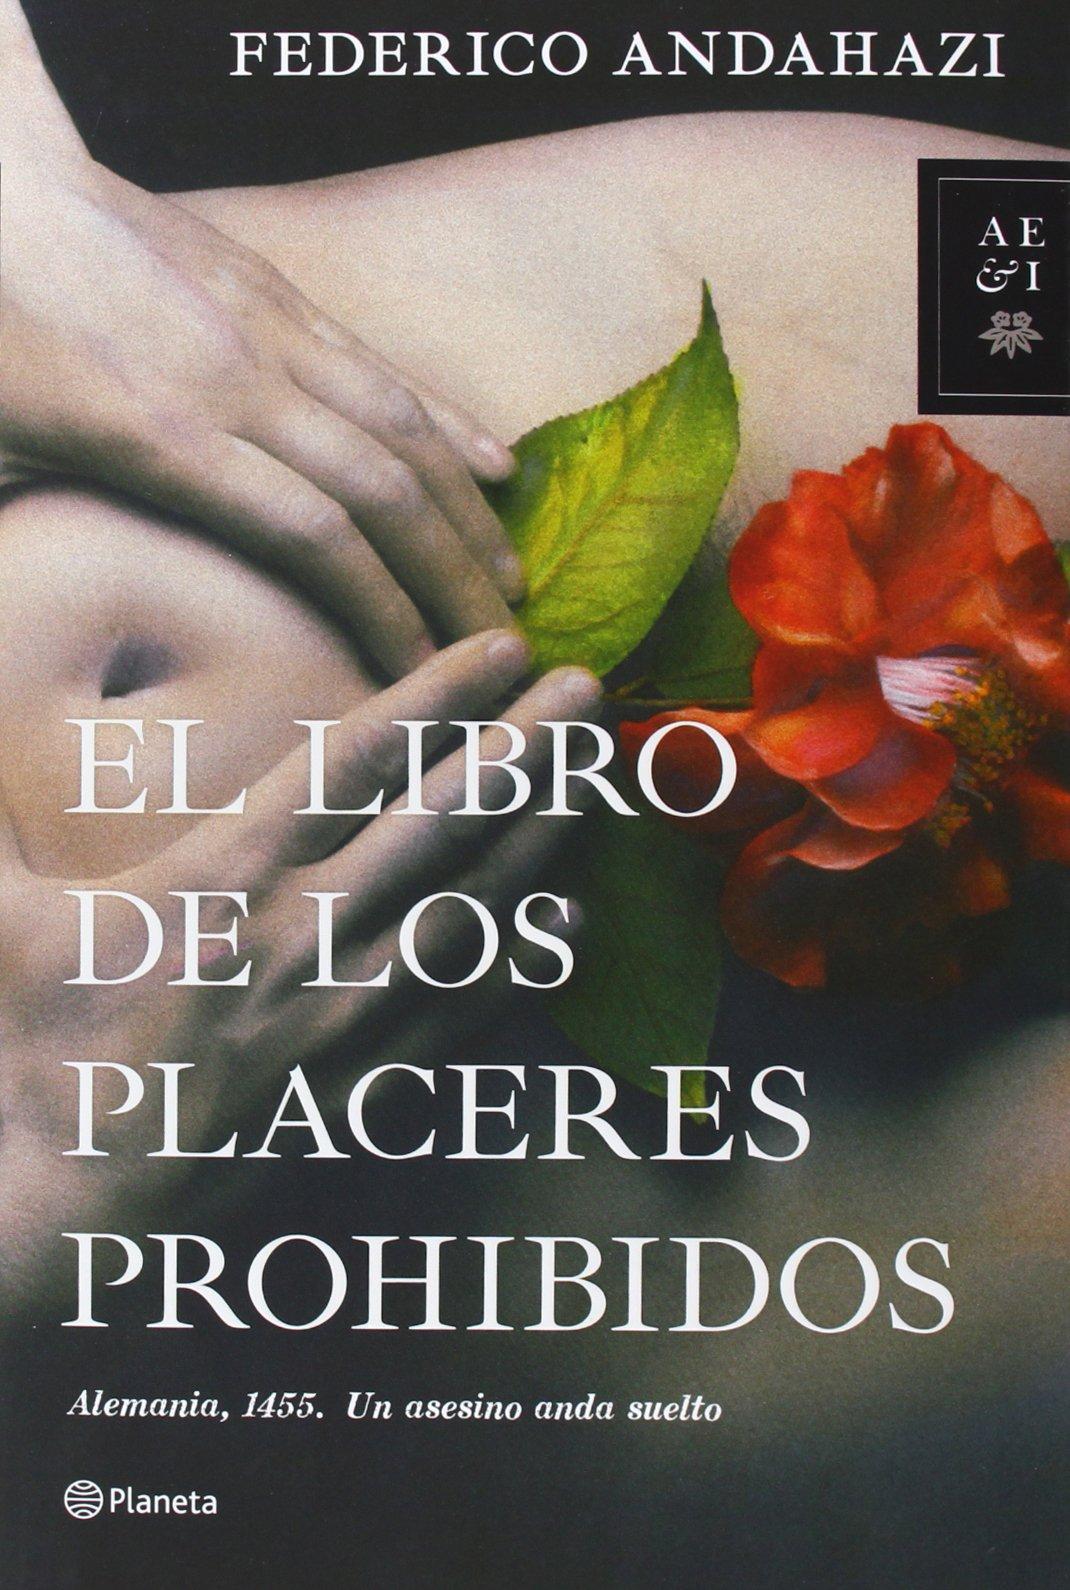 El libro de los placeres prohibidos Autores Españoles e Iberoamericanos: Amazon.es: Federico Andahazi: Libros